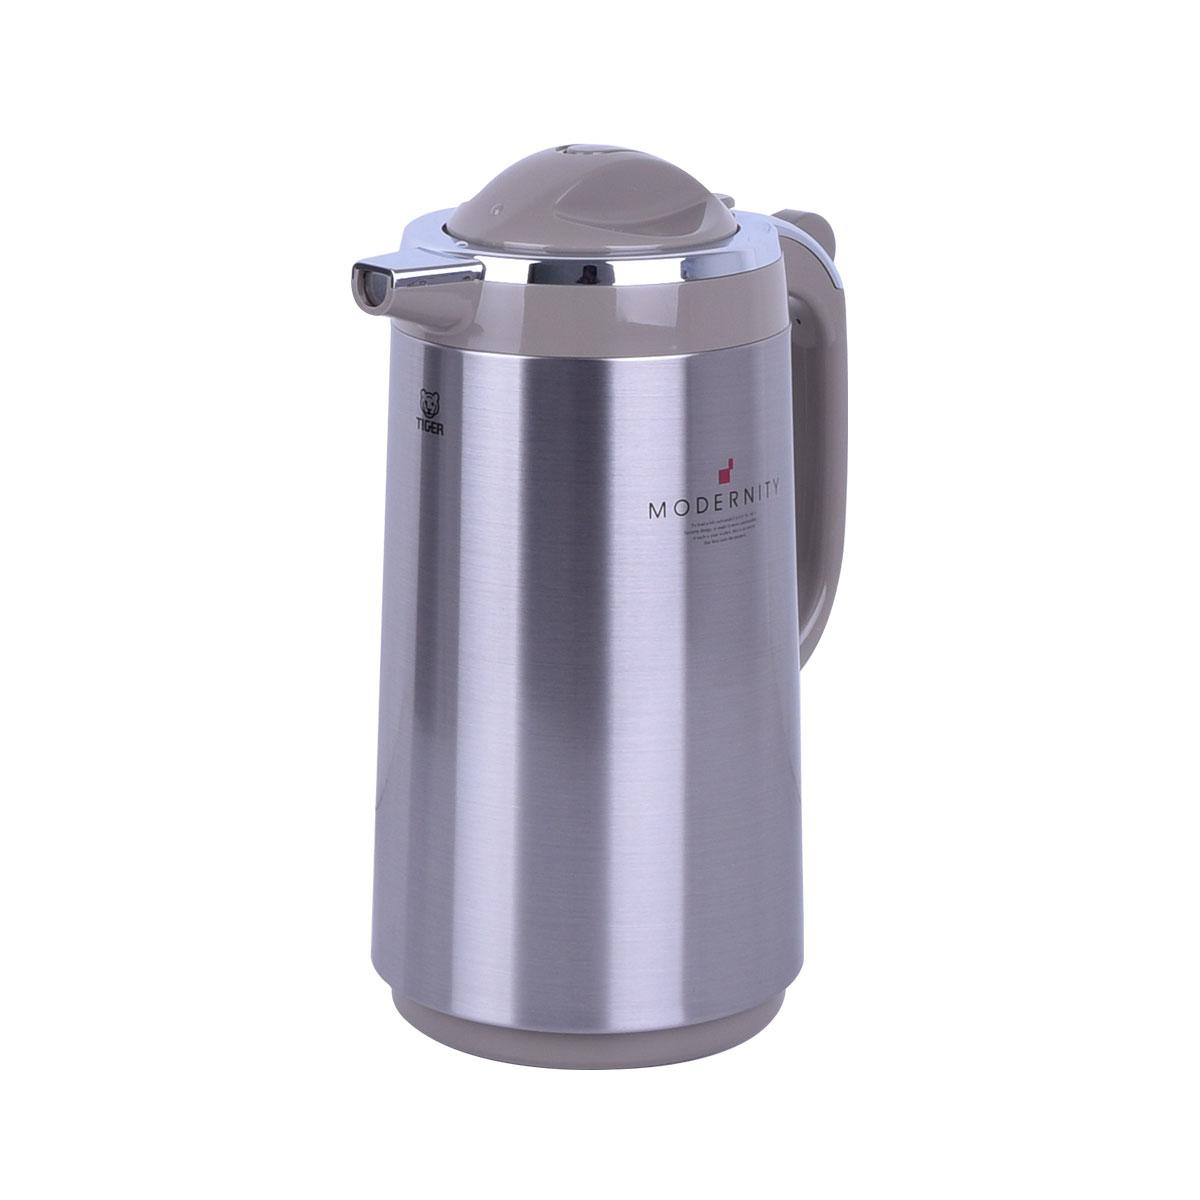 ترمس شاي وقهوه تايجر اليابانية - استانلس استيل - 1.34 لتر - PRT-S130